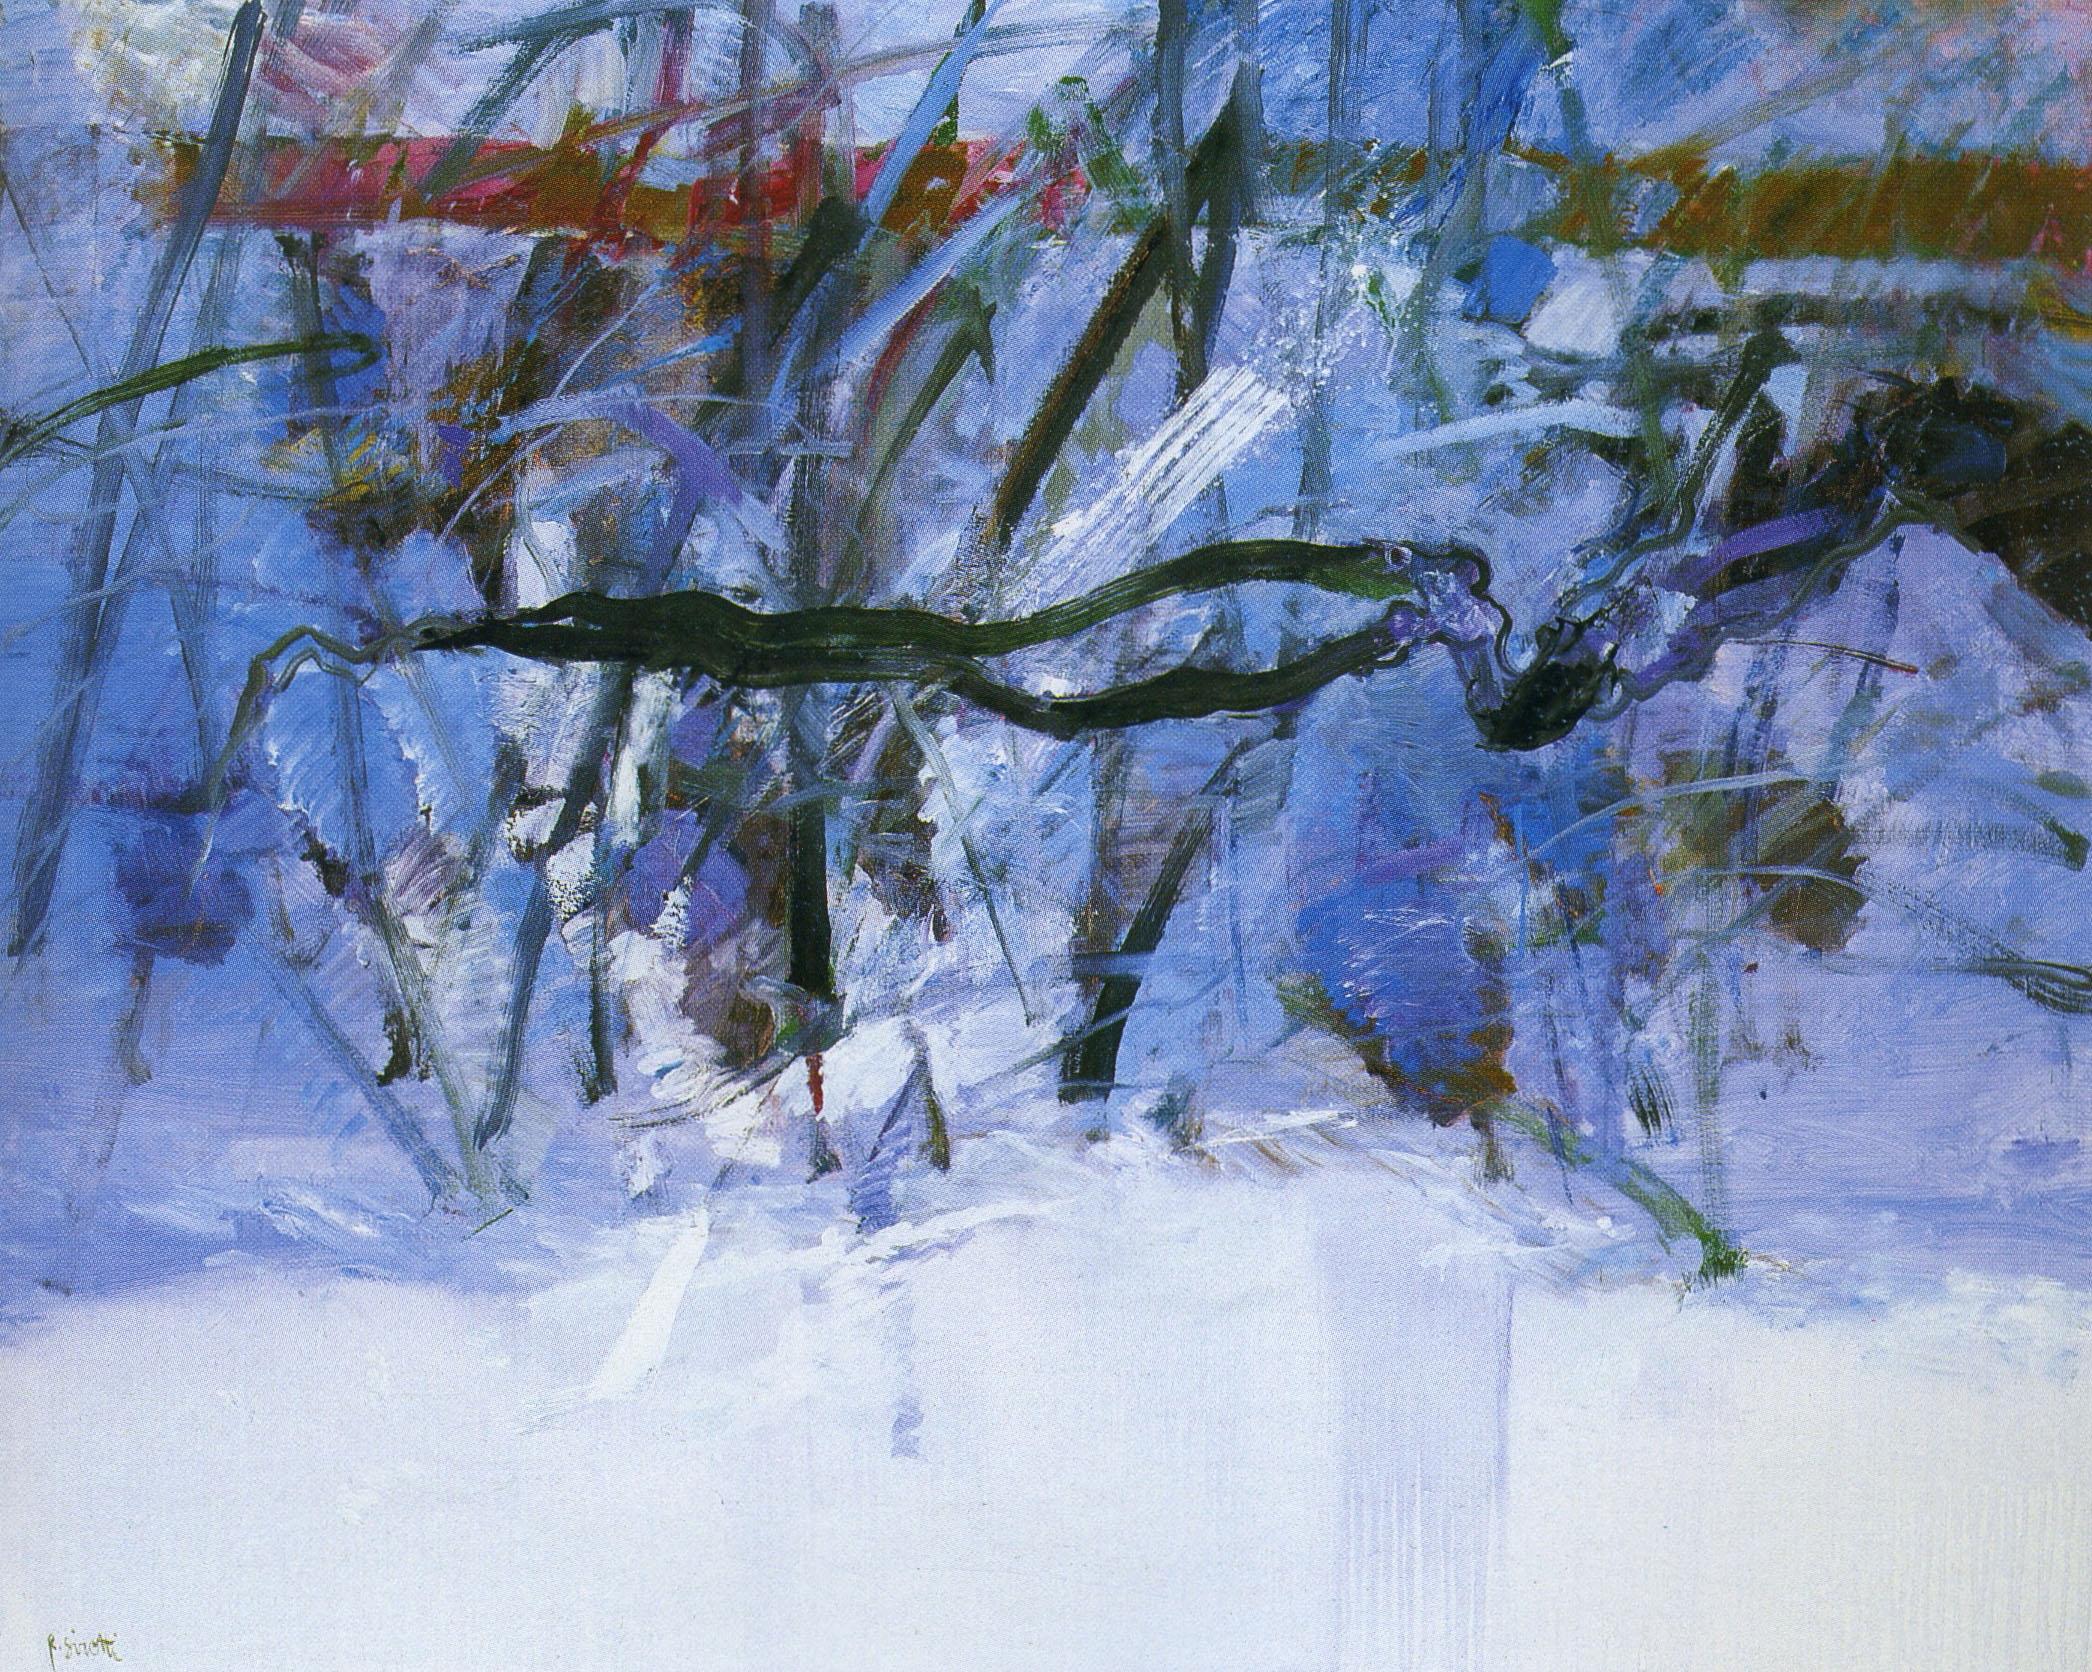 Raimondo Sirotti - Inverno nelle cinque terre